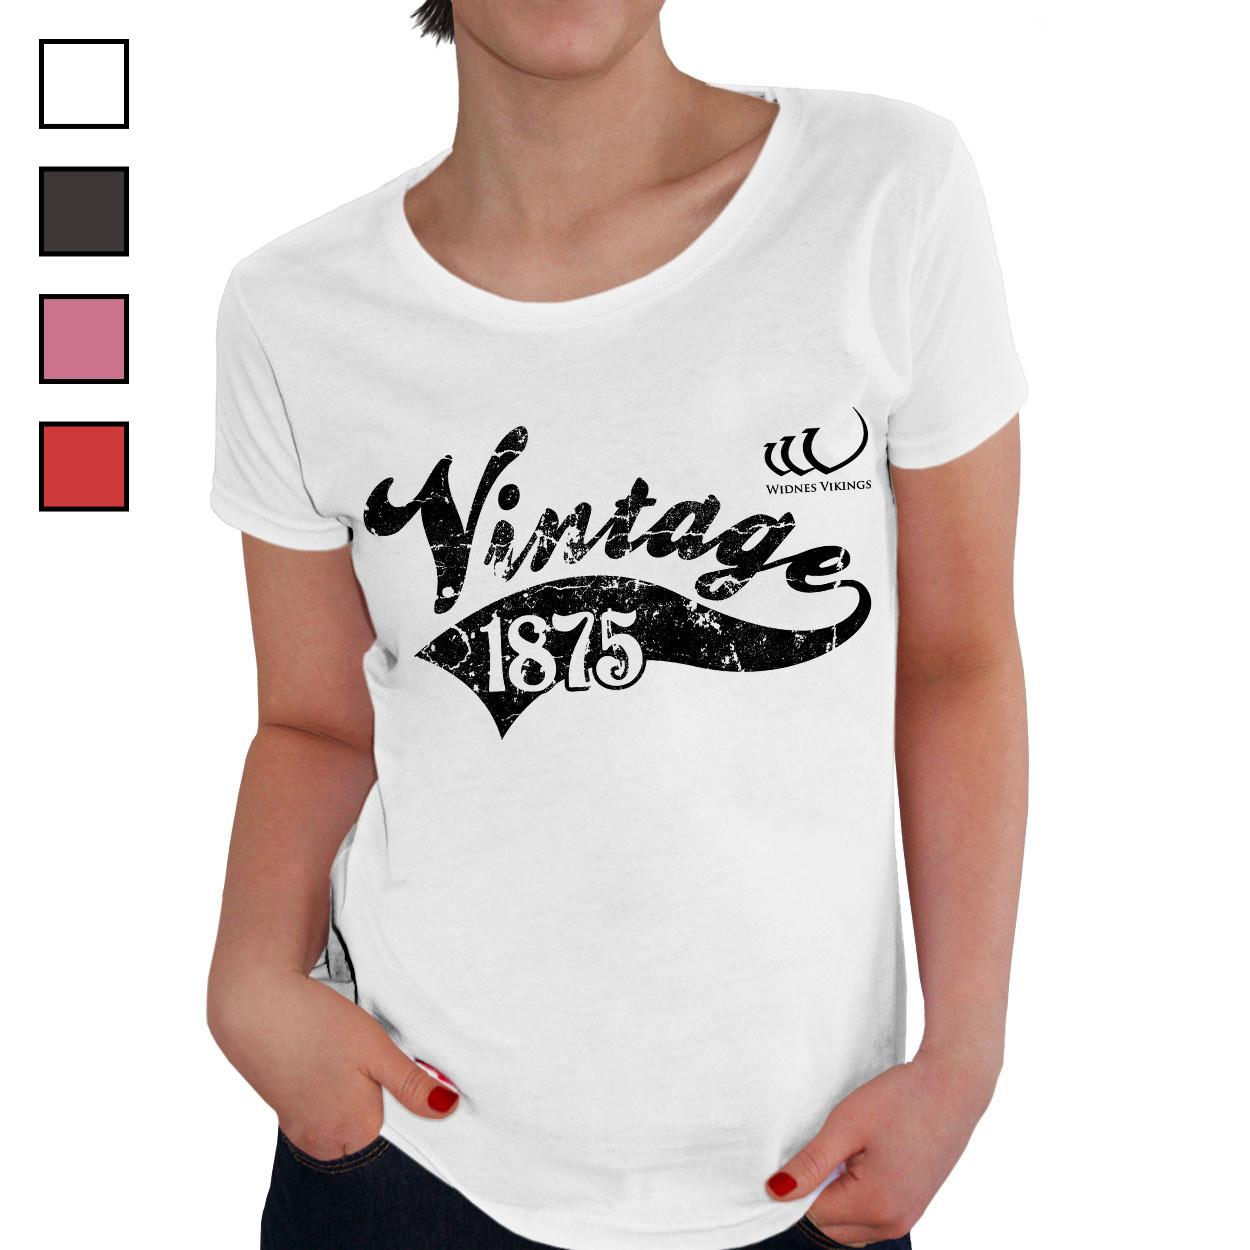 Widnes Vikings Ladies Vintage T-Shirt